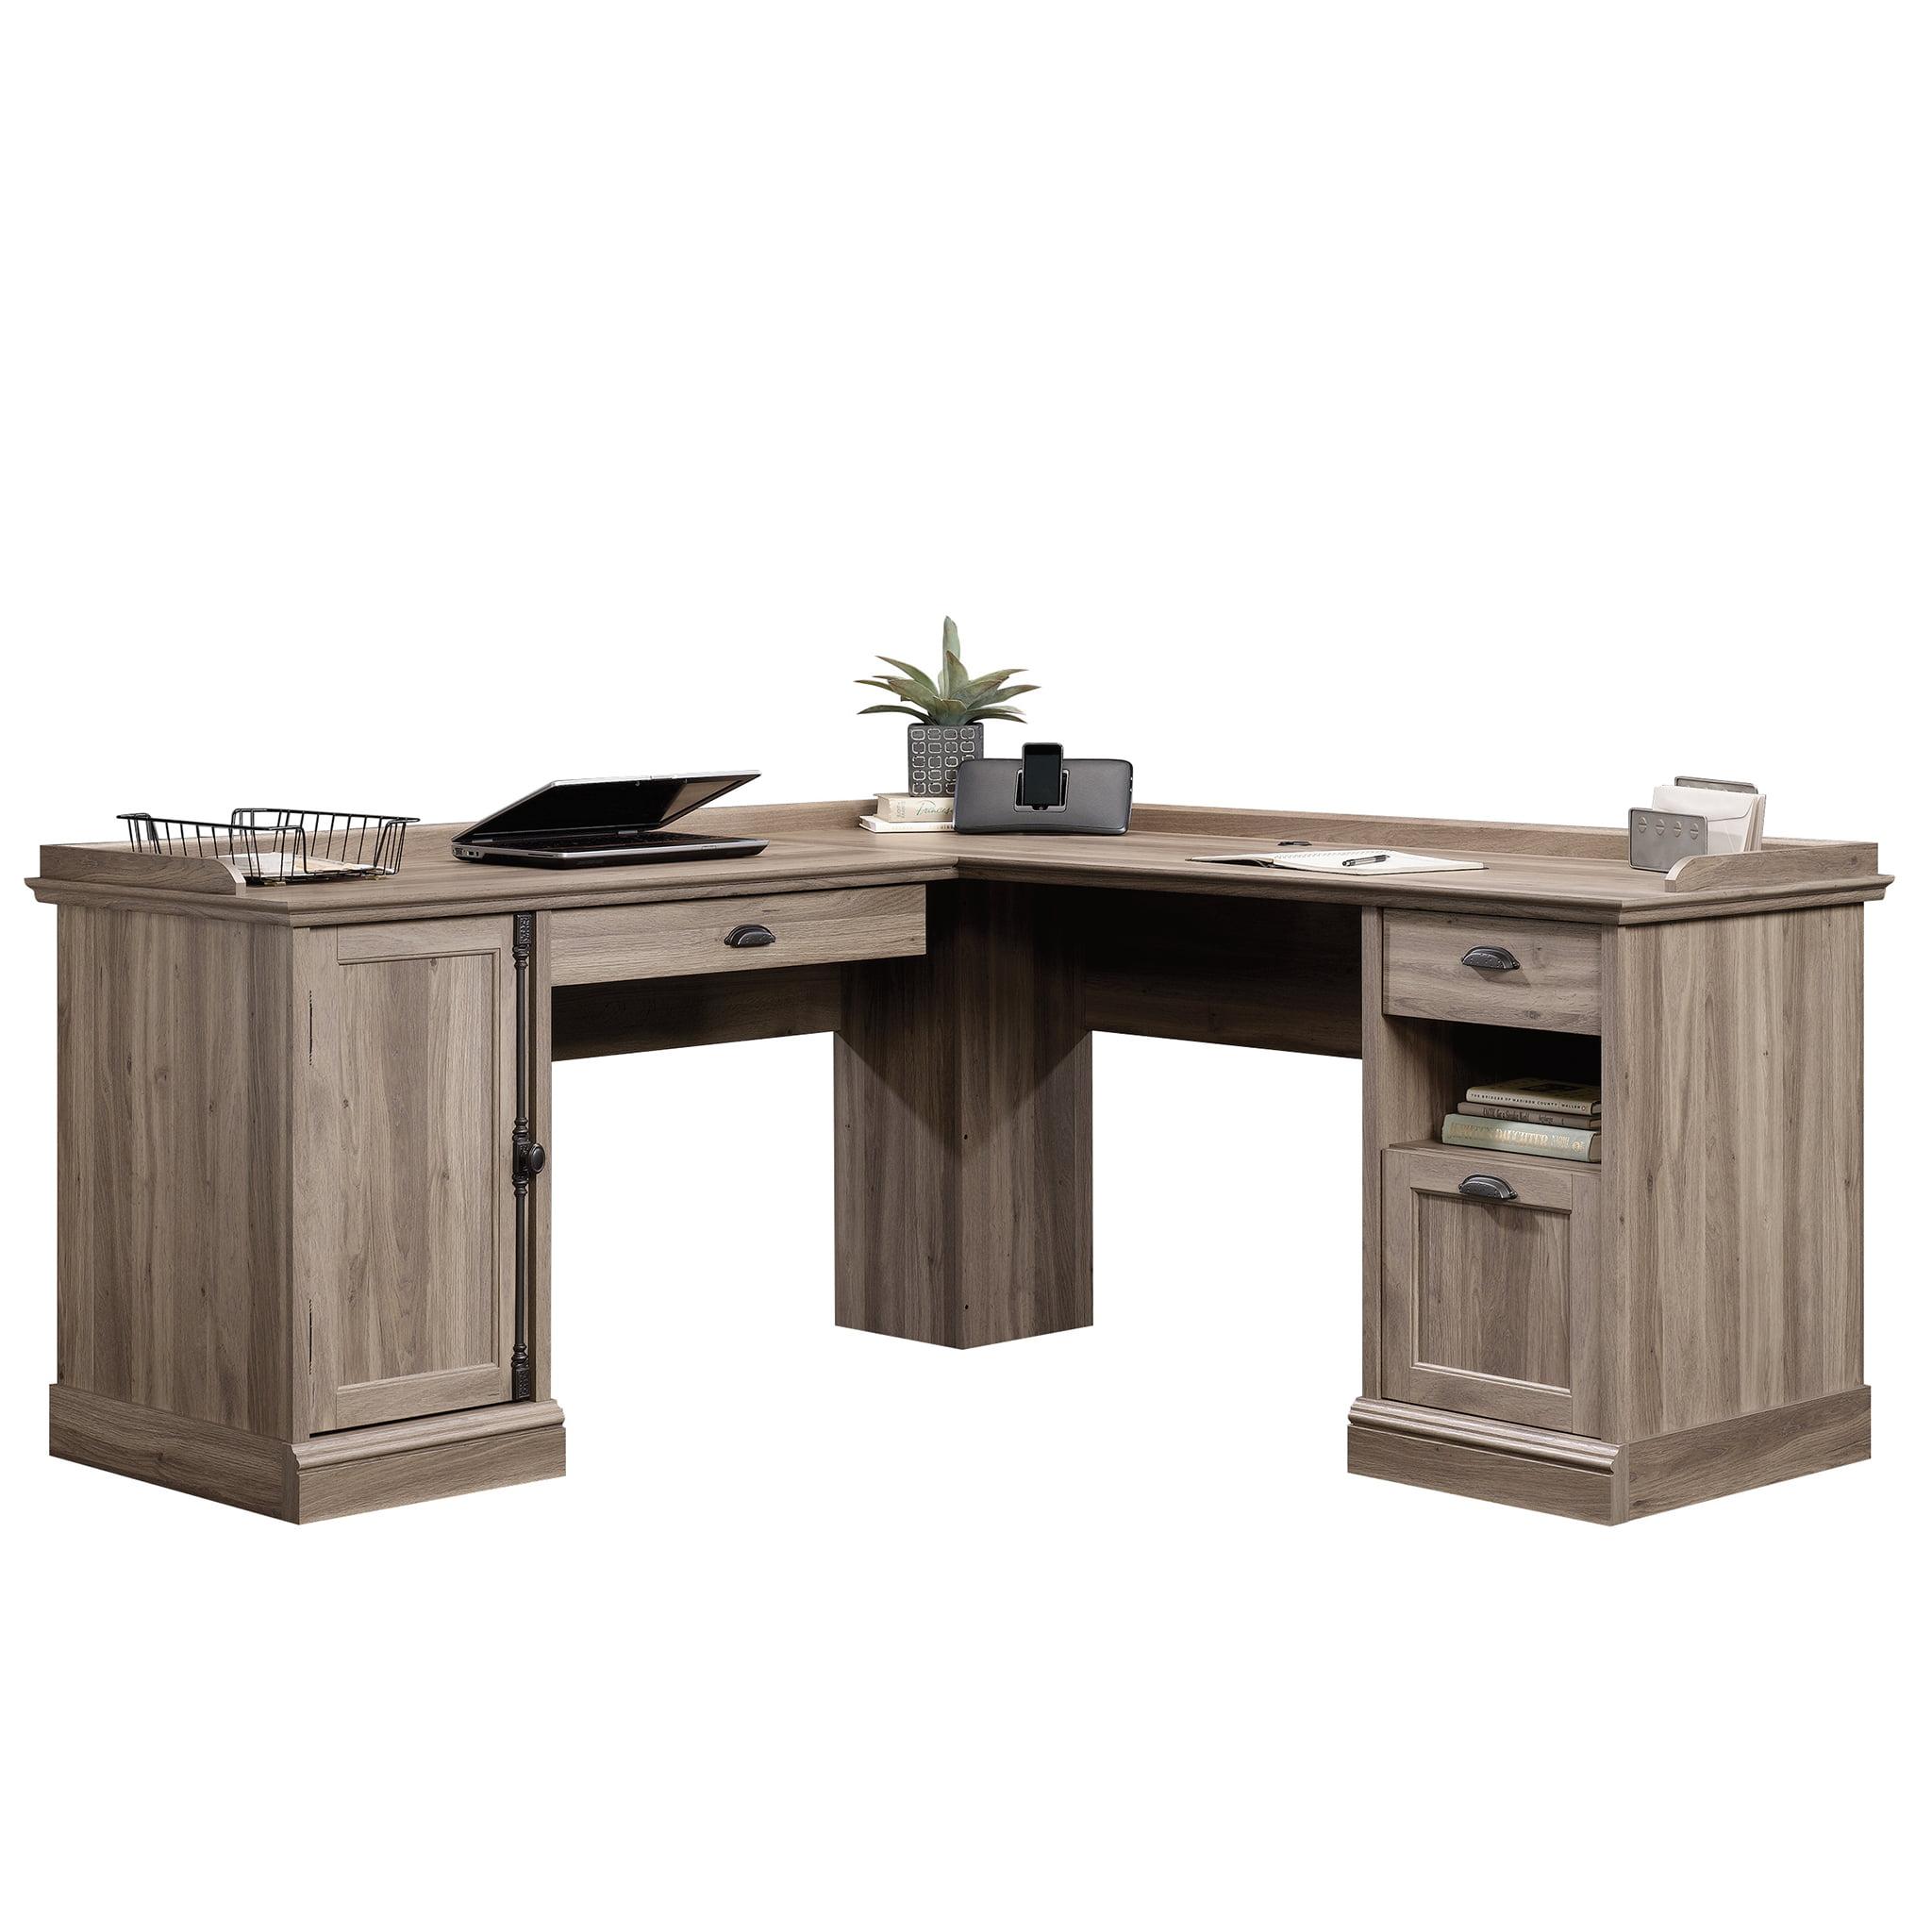 Sauder Barrister Lane L-Shaped Desk, Salt Oak Finish